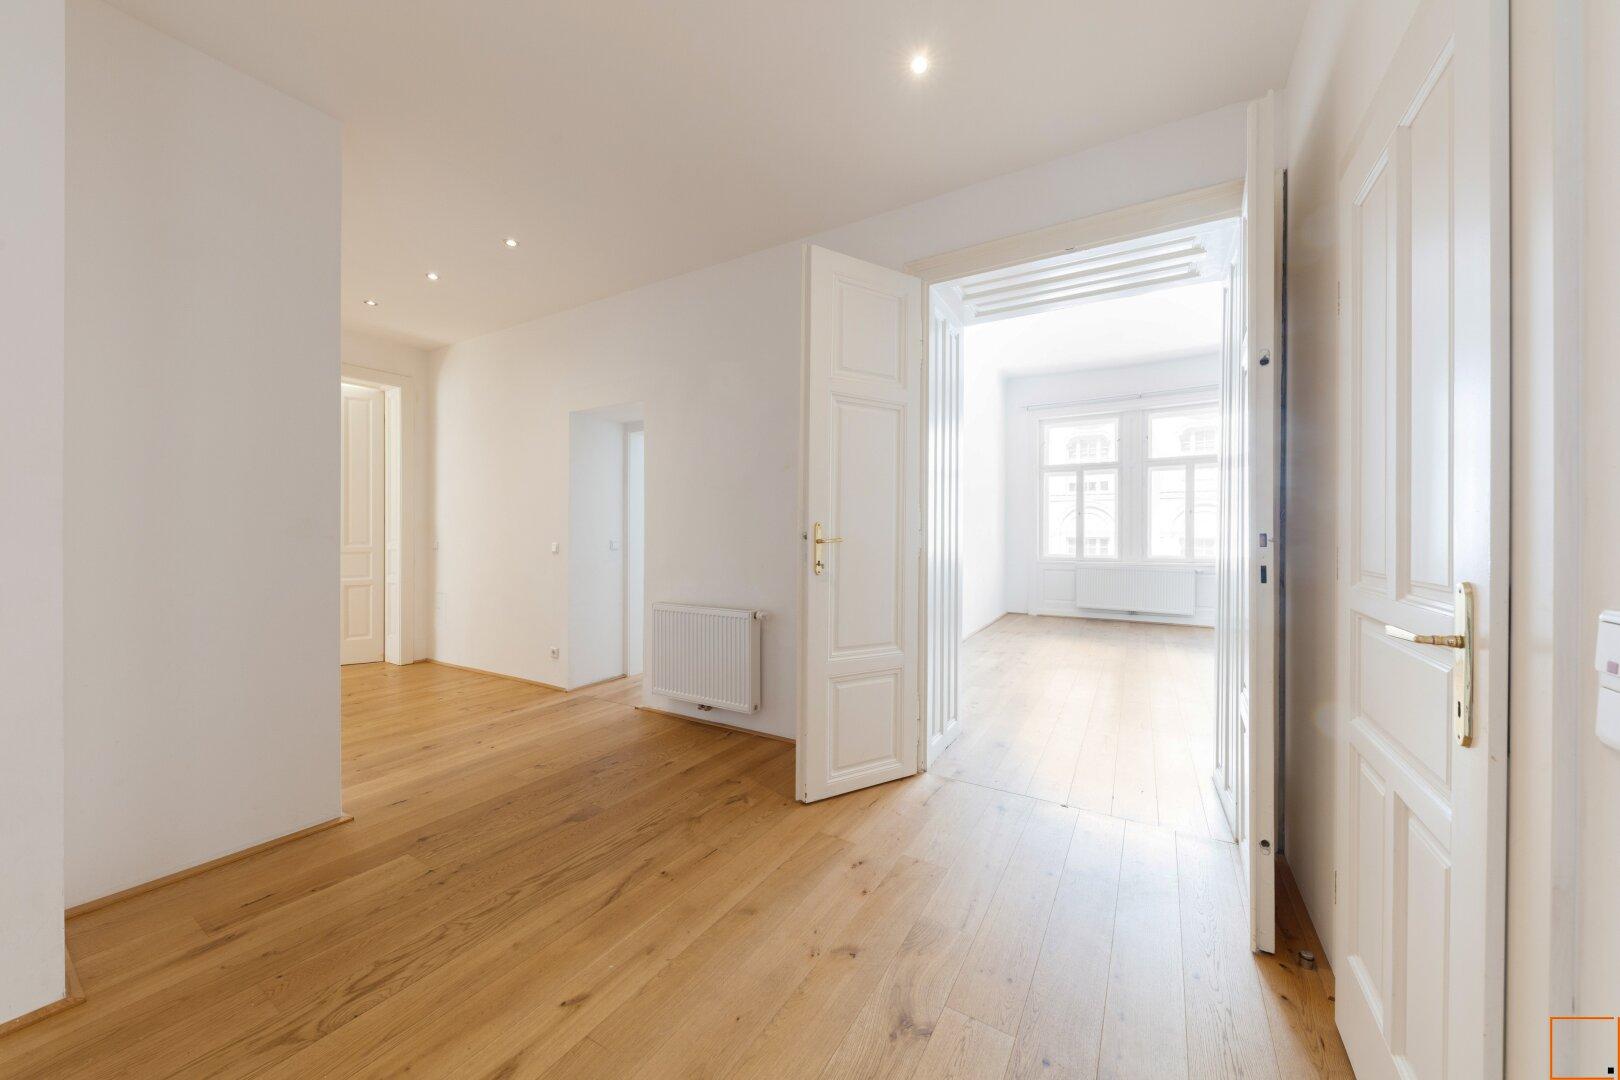 Blick Vorraum in Wohnzimmer